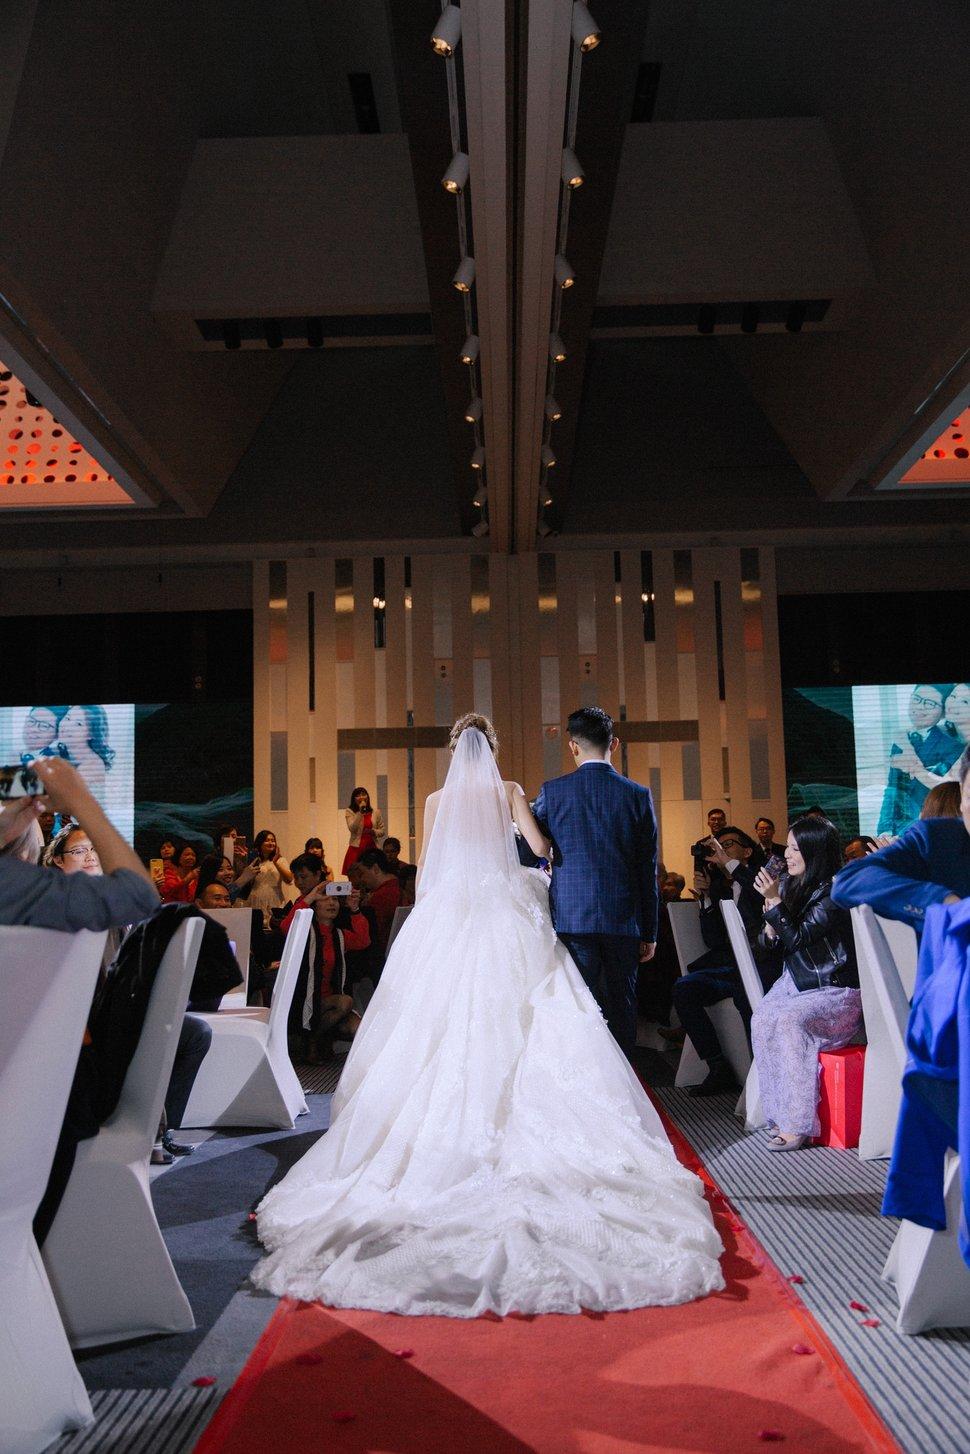 2018-12-23  (553) - 瞳心尉泯 -婚禮攝影 - 結婚吧